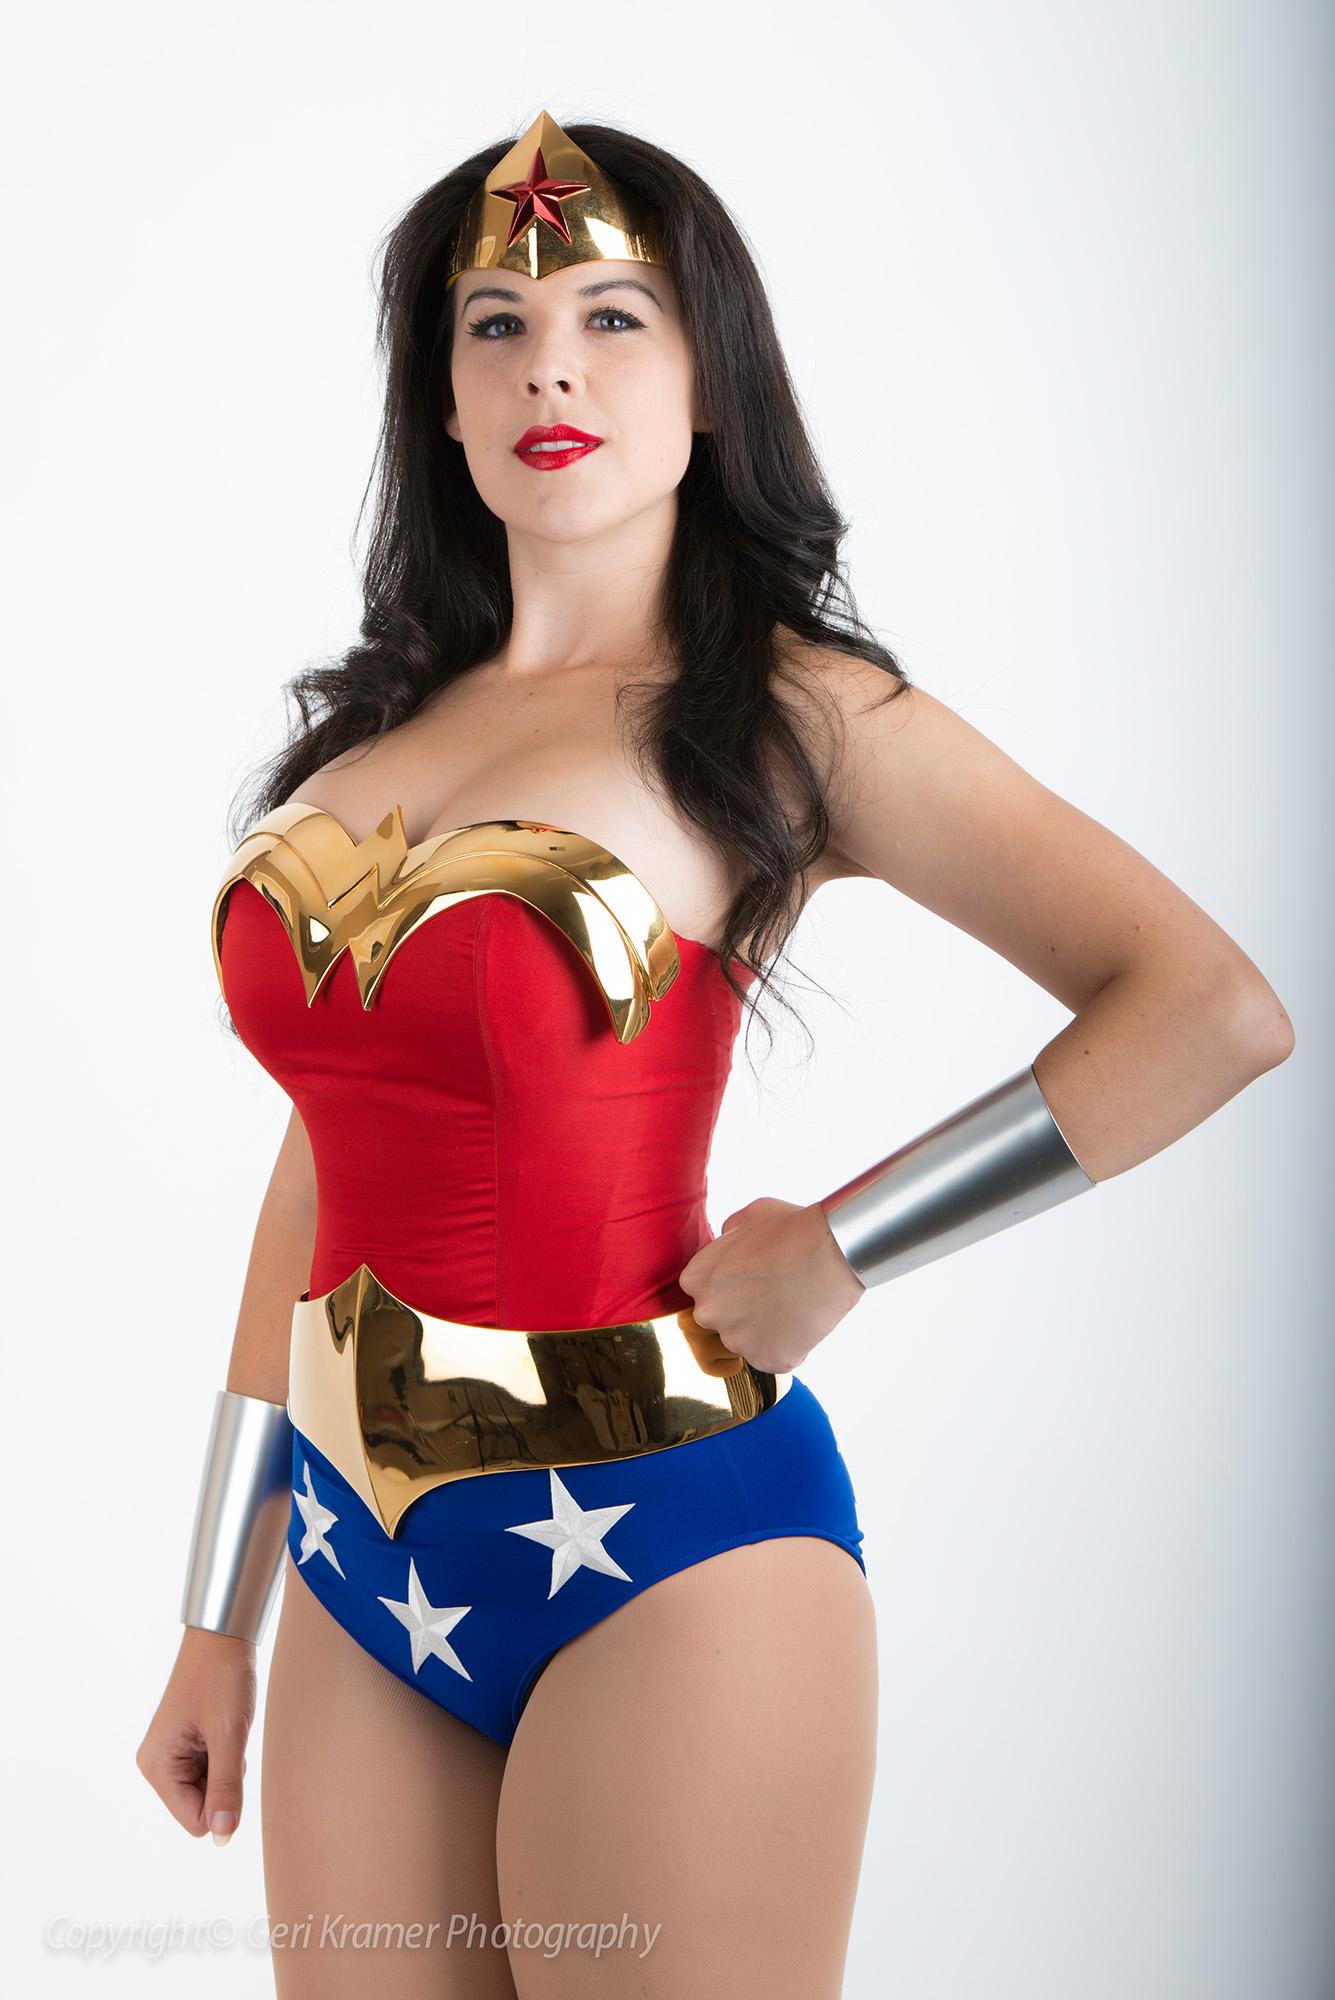 Wonder_Woman-Geri_Kramer (5)